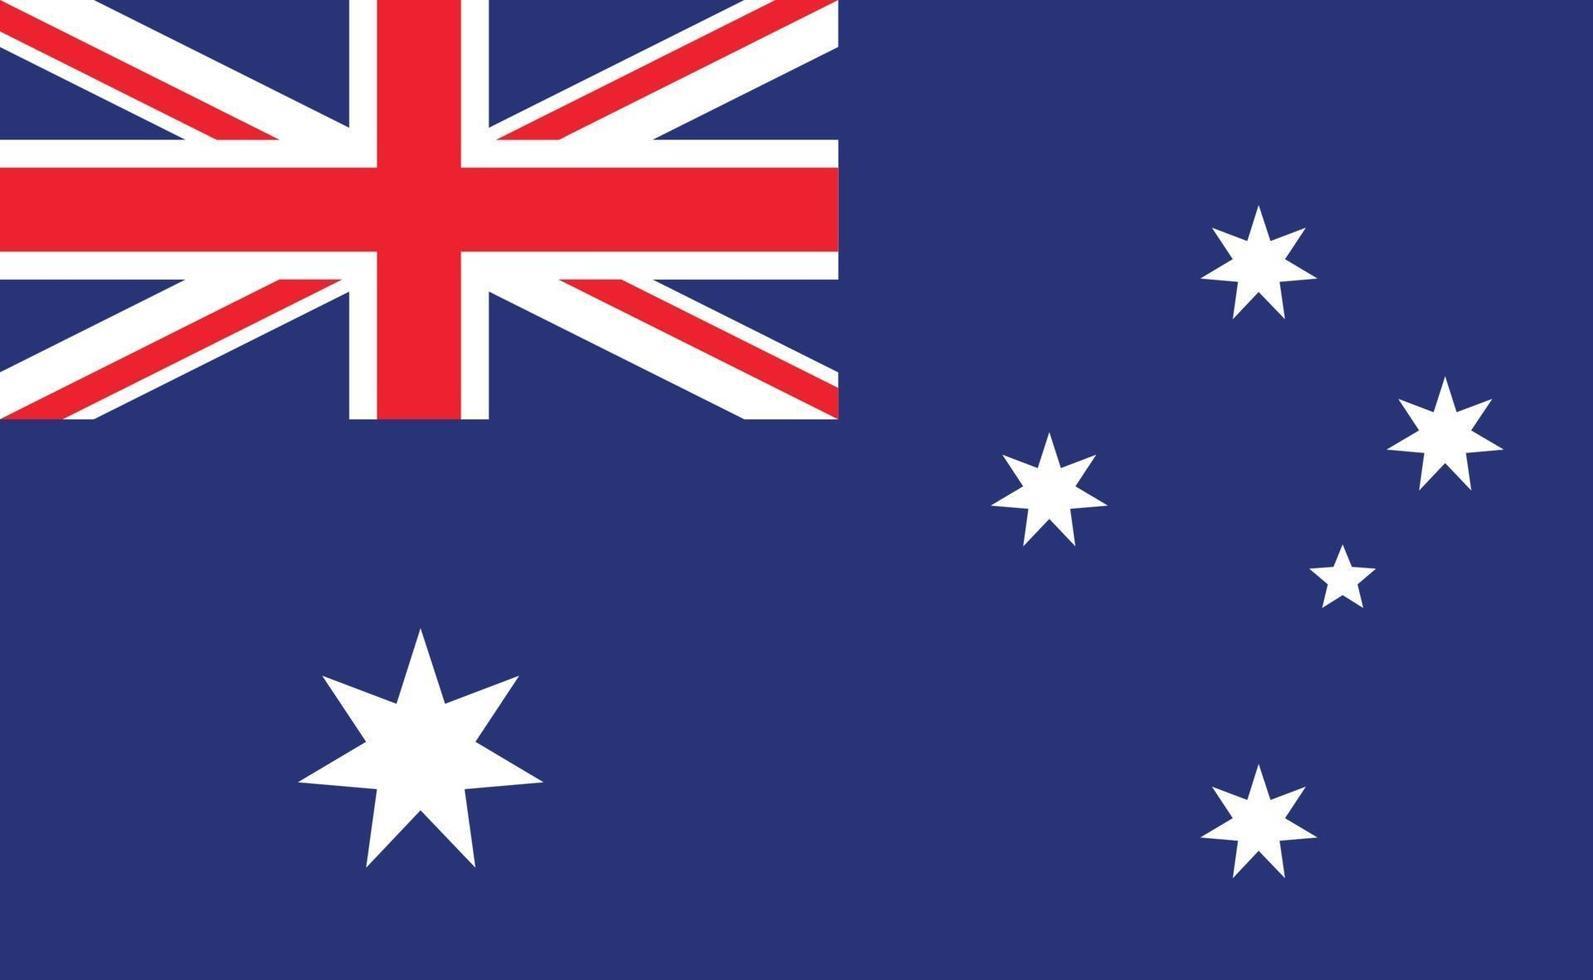 drapeau national australien dans des proportions exactes - illustration vectorielle vecteur